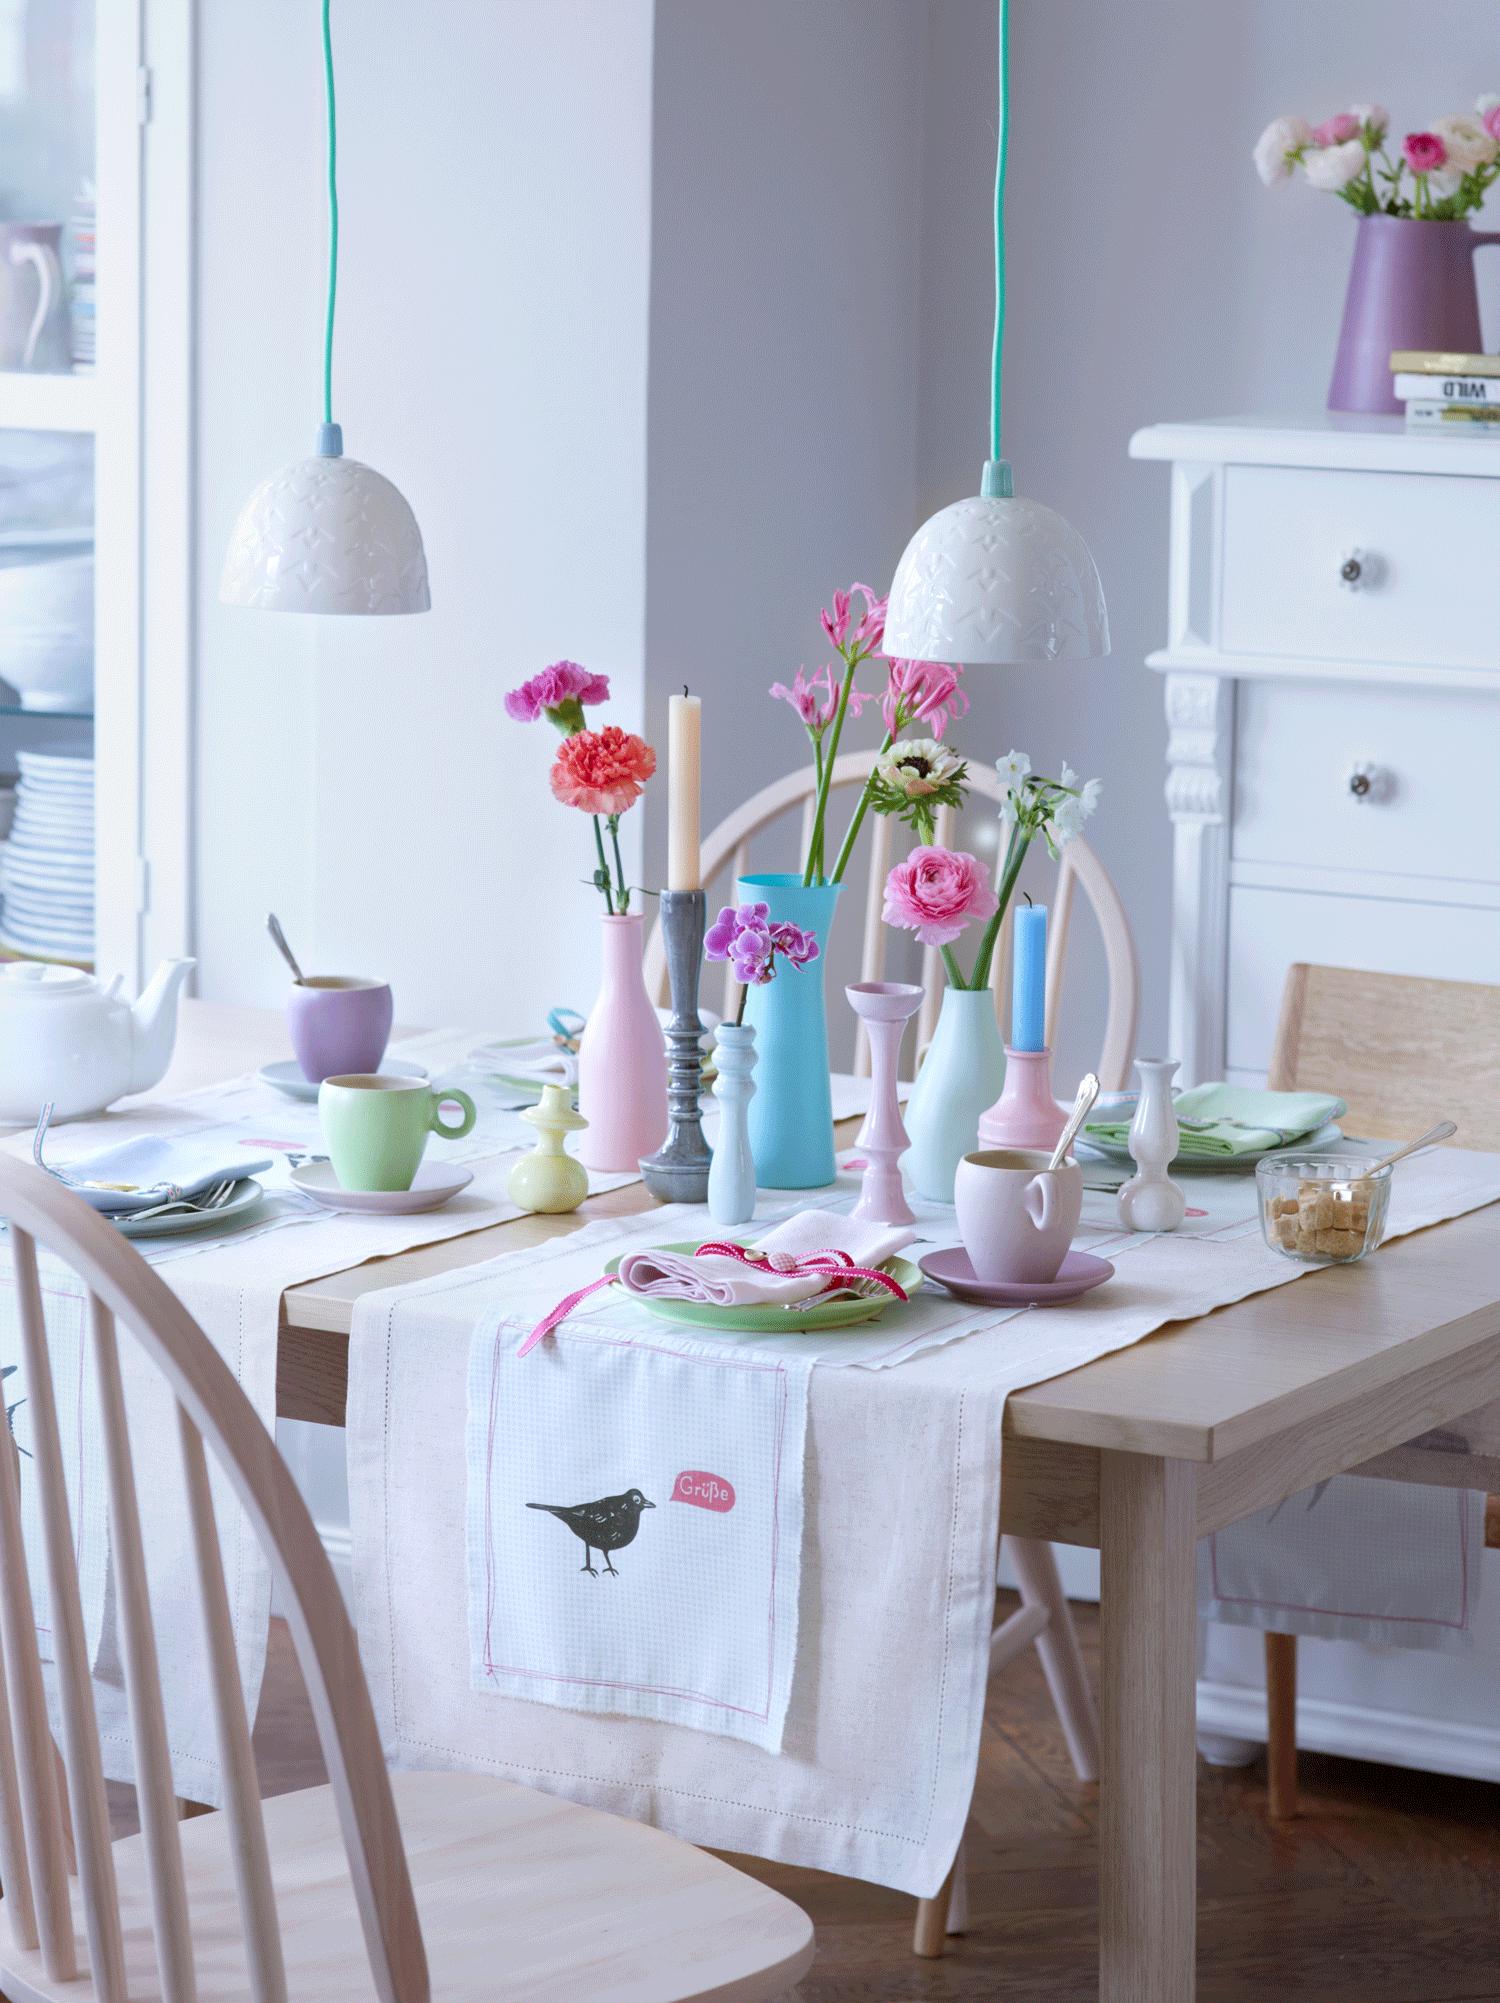 Grünes esszimmer design wohnideen für küche und esszimmer  home deco  inneneinrichtung und